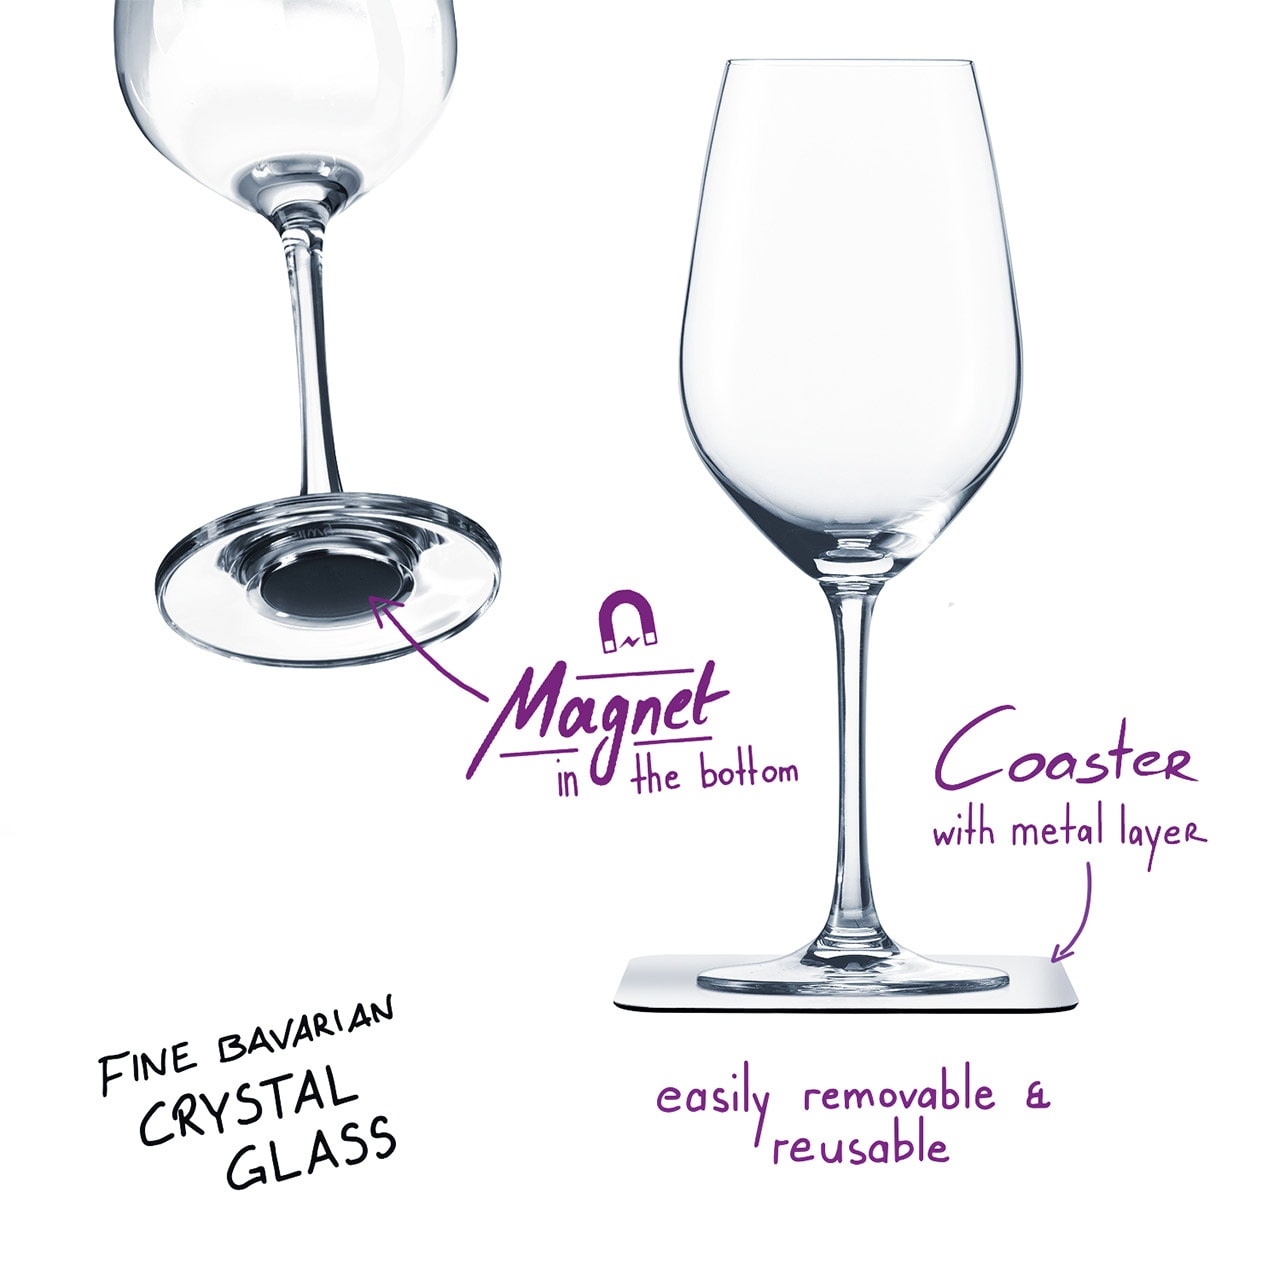 Uknuselige glass SILWY Magnetic Krystallglass Vin 2 stk og magnetpads S02522012